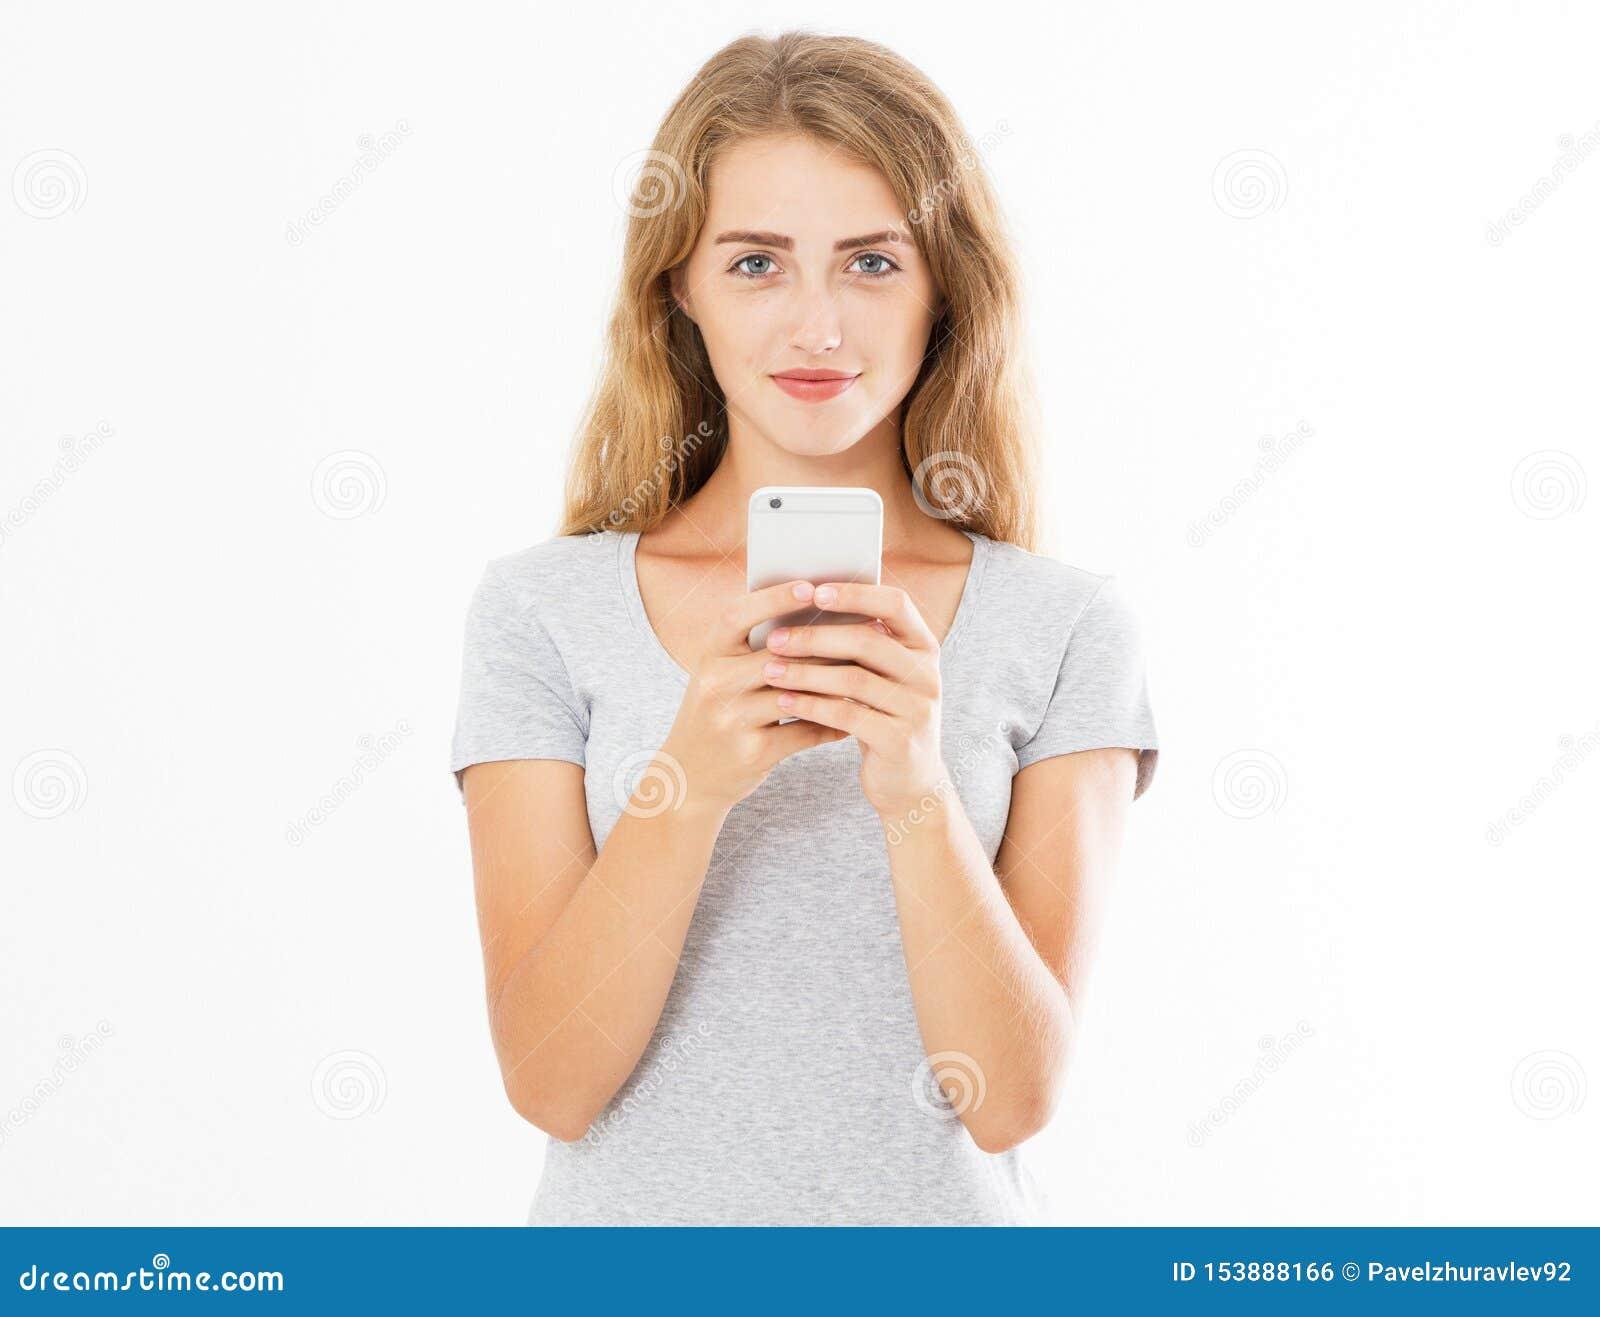 Retrato de una mujer joven sonriente que sostiene el tel?fono m?vil aislado en el fondo blanco, muchacha de charla, haciendo publ